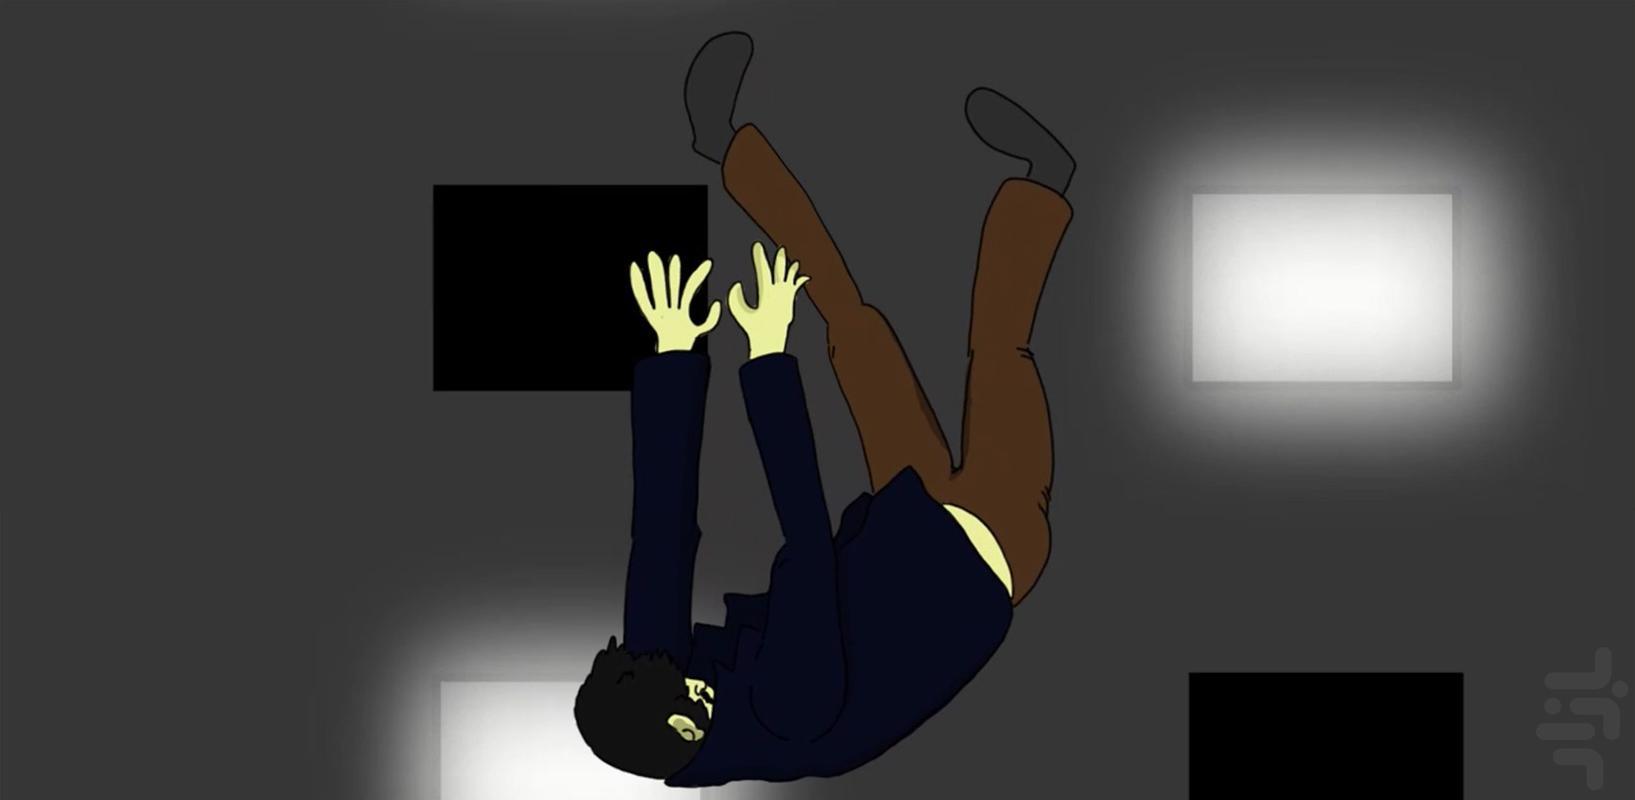 پاپوش3: جنایت و مکافات - عکس بازی موبایلی اندروید